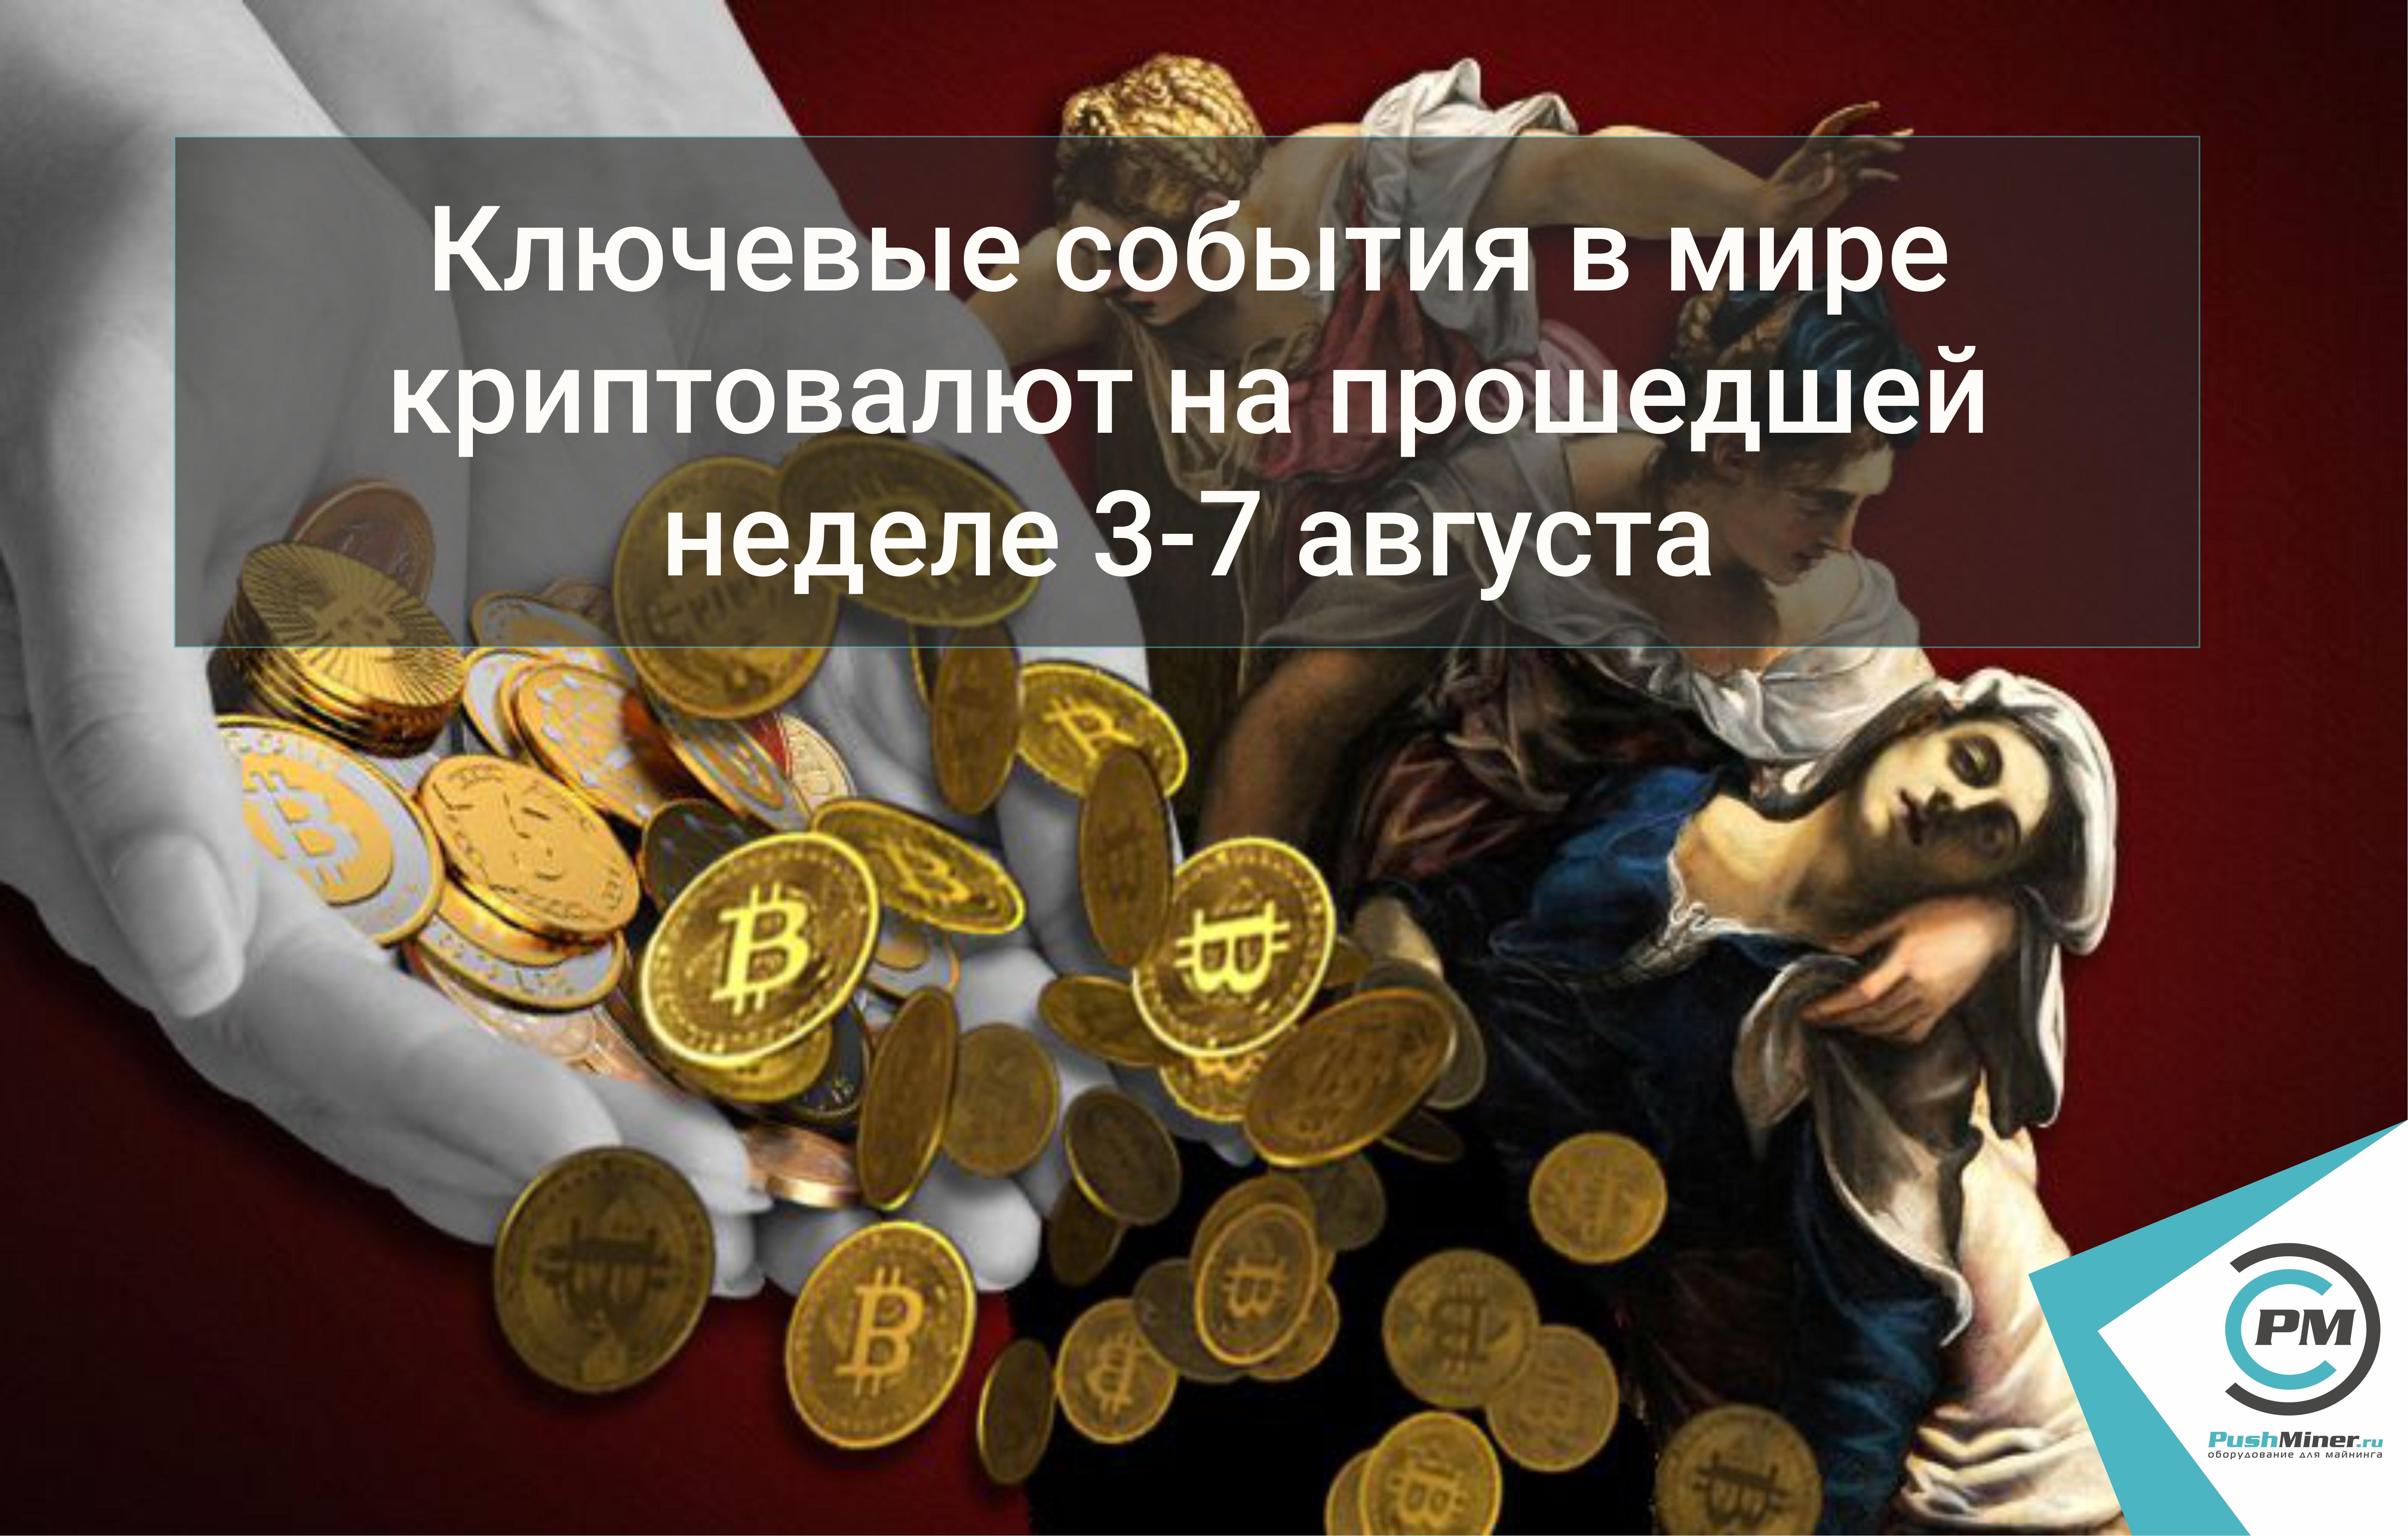 Ключевые события в мире криптовалют на прошедшей неделе 3-7 августа